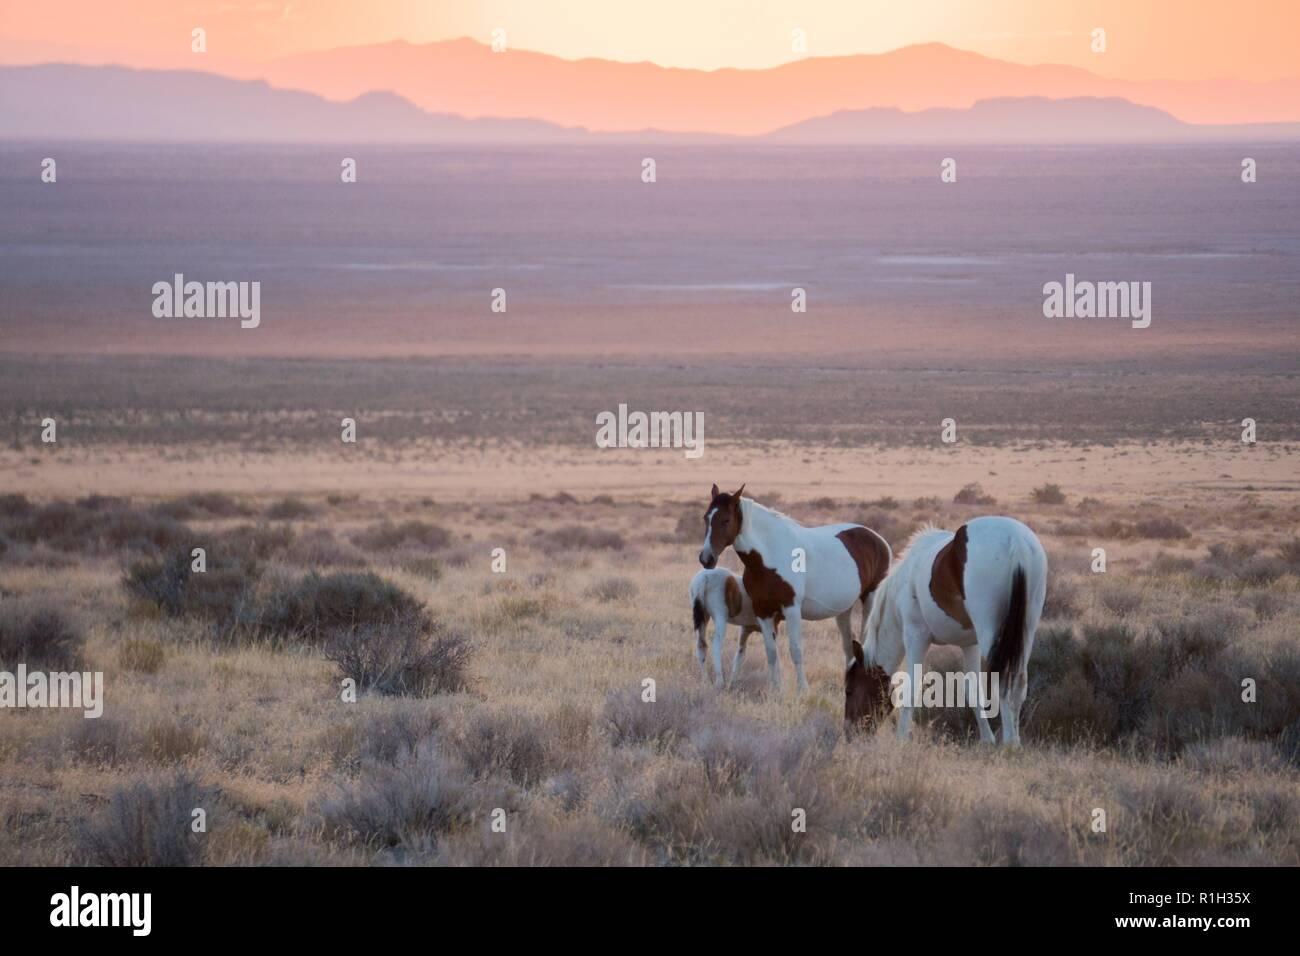 Image result for wild horses on prairie sunset